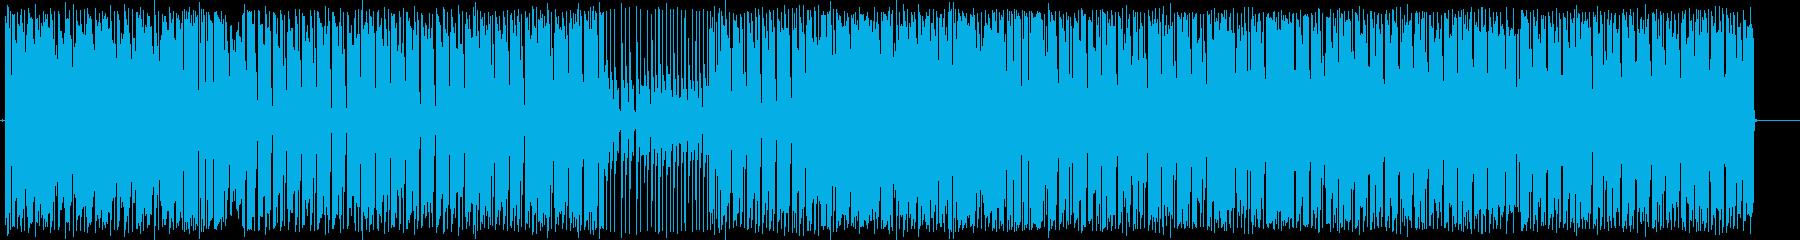 ダンスホールのレゲエは、レゲトンフ...の再生済みの波形